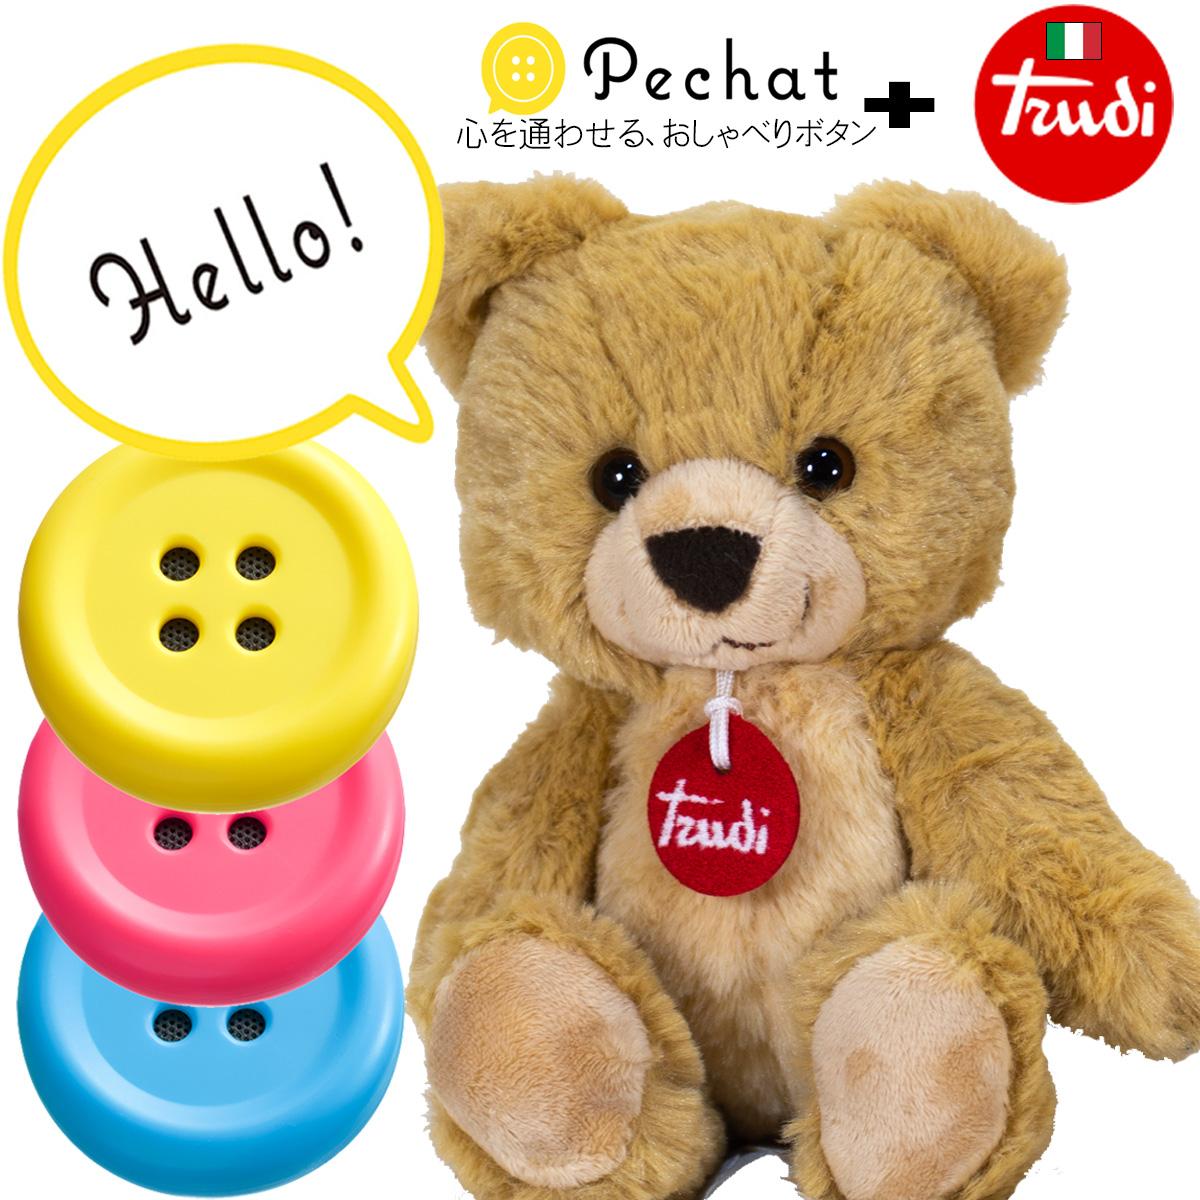 【送料無料】【ラッピング無料】Pechat ペチャット イタリアTrudi社ぬいぐるみ テディベア 28cm セット ボタンは3色イエロー・ピンク・ブルー プレゼント 出産祝い